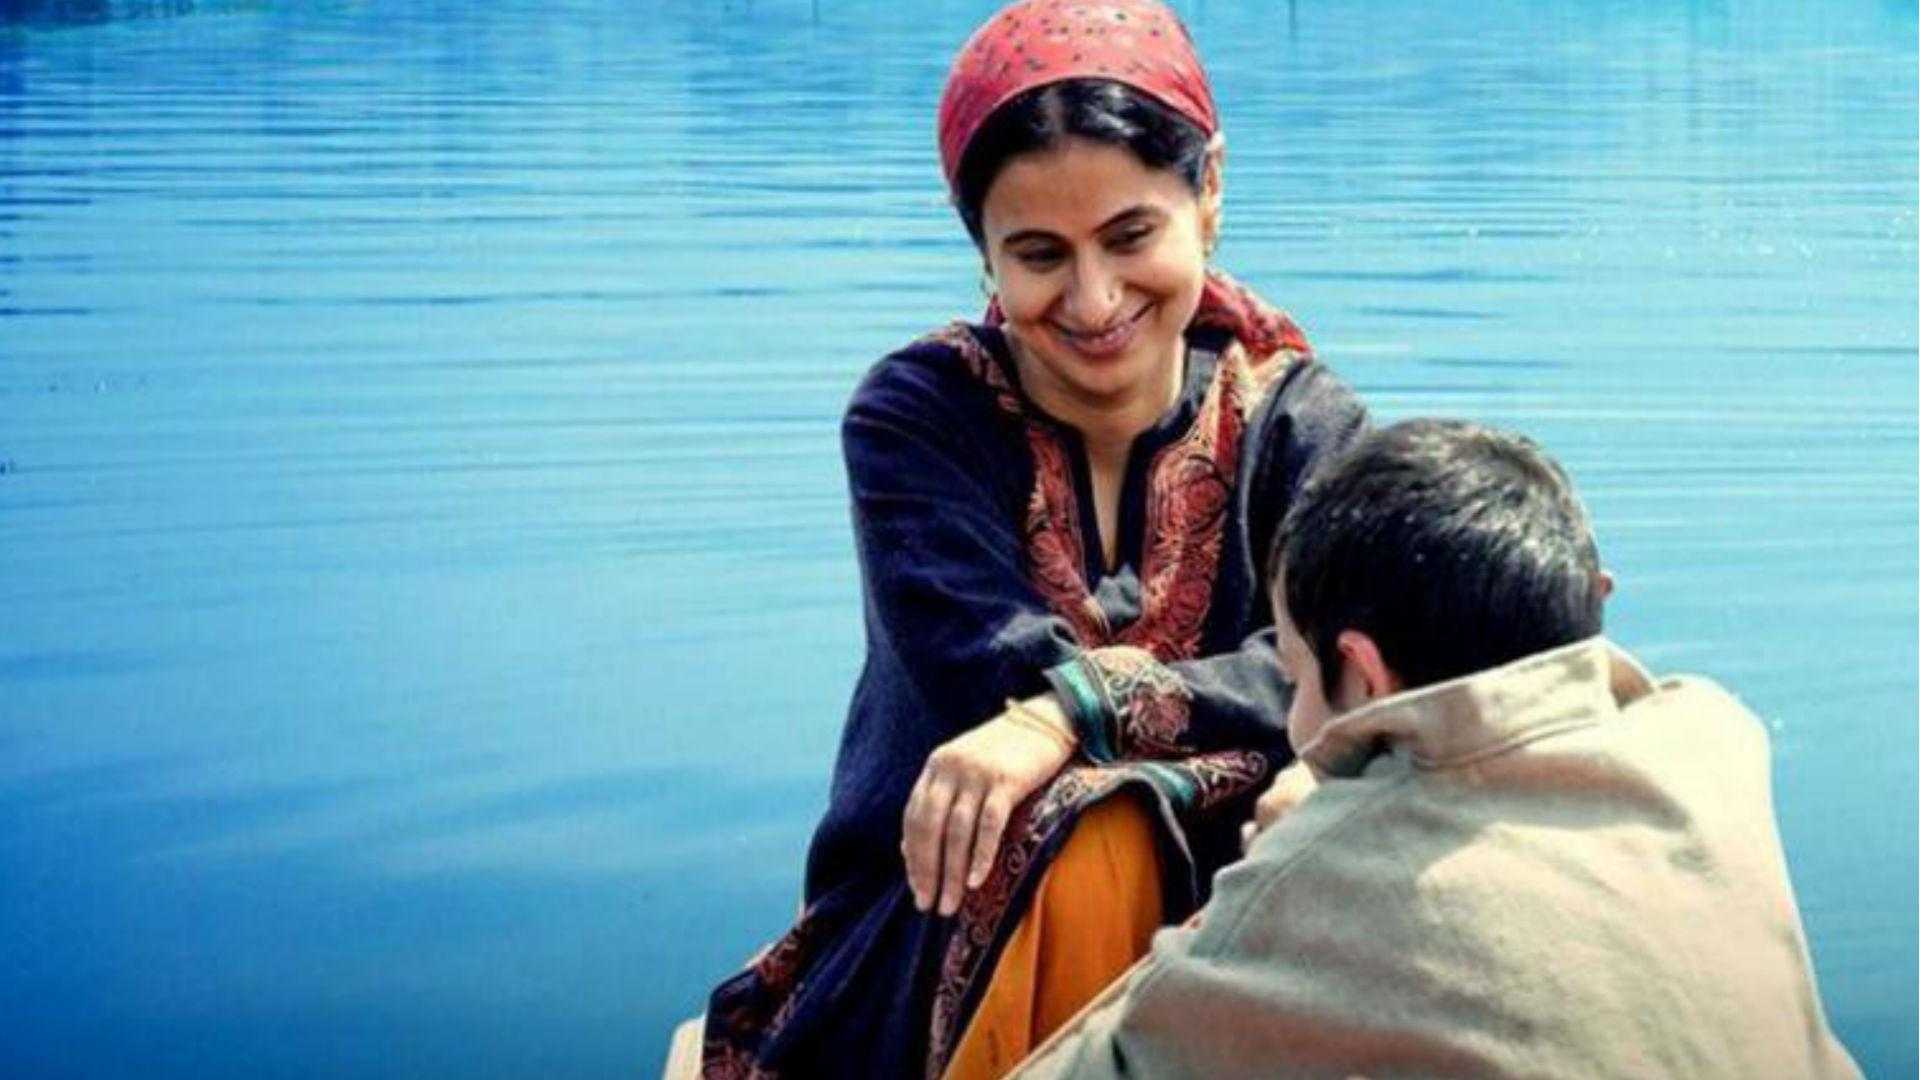 हामिद फिल्म रिव्यूः जम्मू-कश्मीर की कहानी को बेपर्दा करती है रसिका दुग्गल-तल्हा अरशद रेशी की ये मूवी